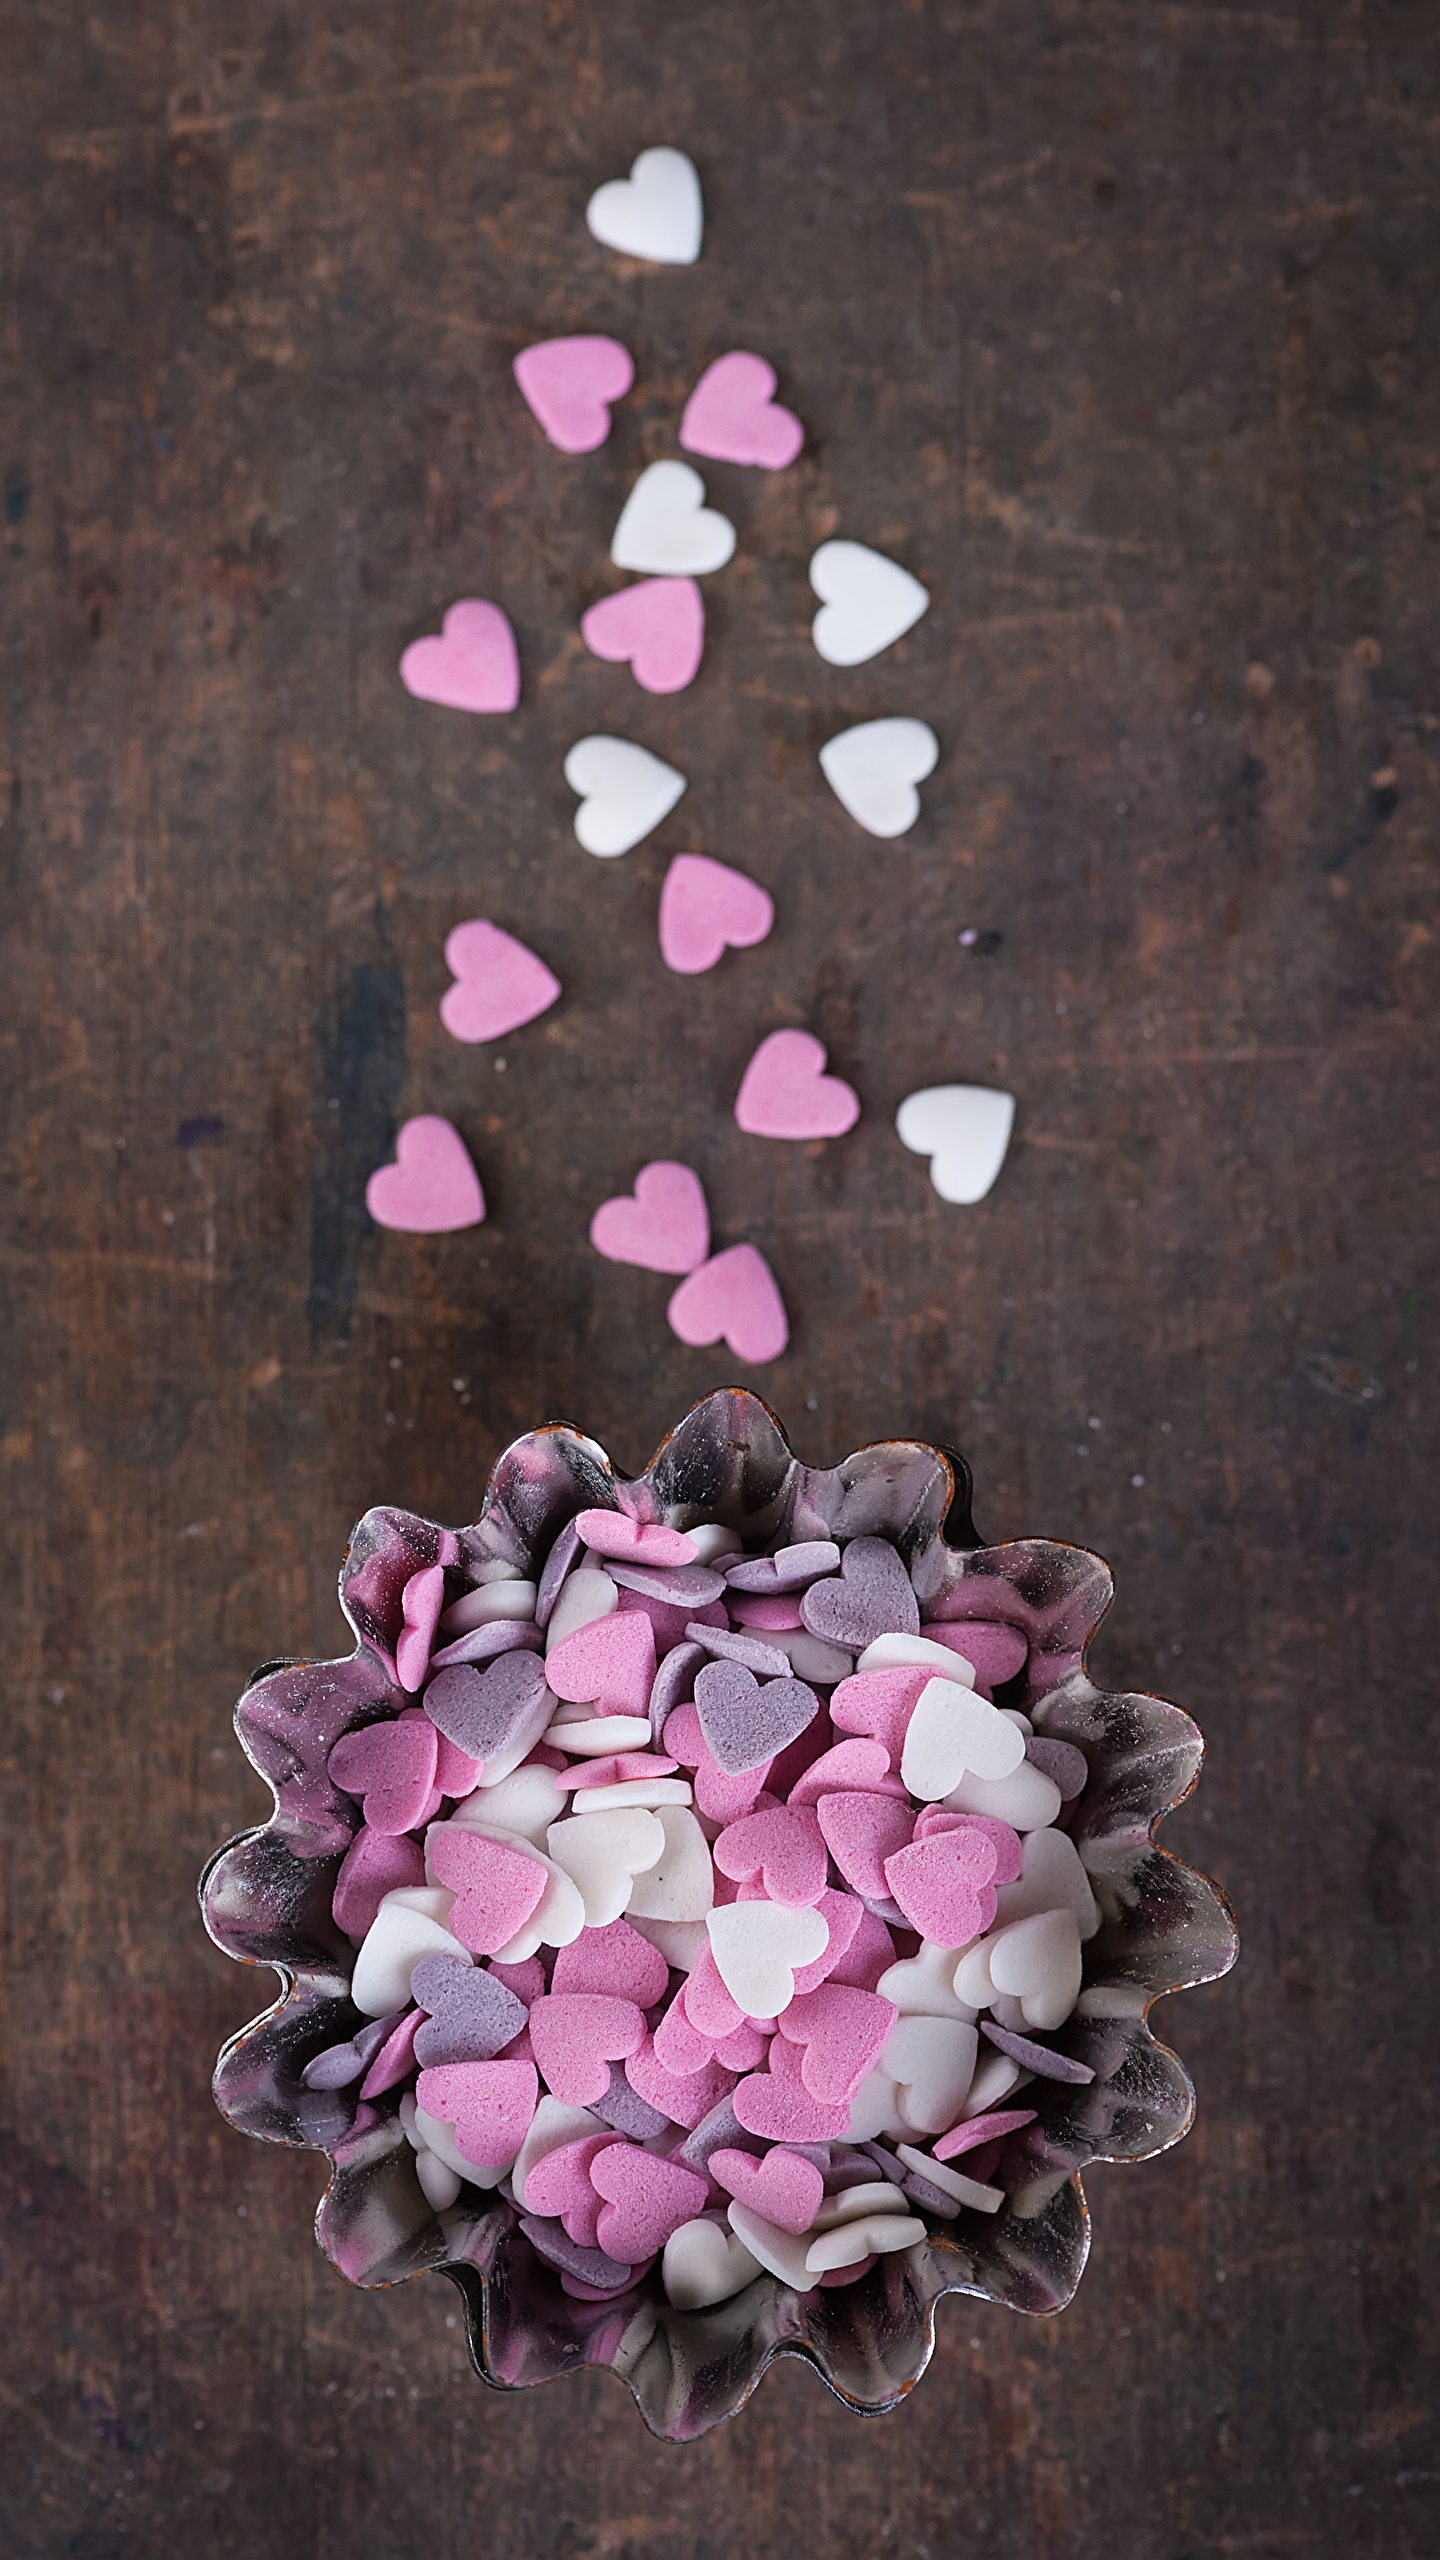 Фотография День святого Валентина сердечко Конфеты Пища Сладости 1440x2560 День всех влюблённых Сердце Еда Продукты питания